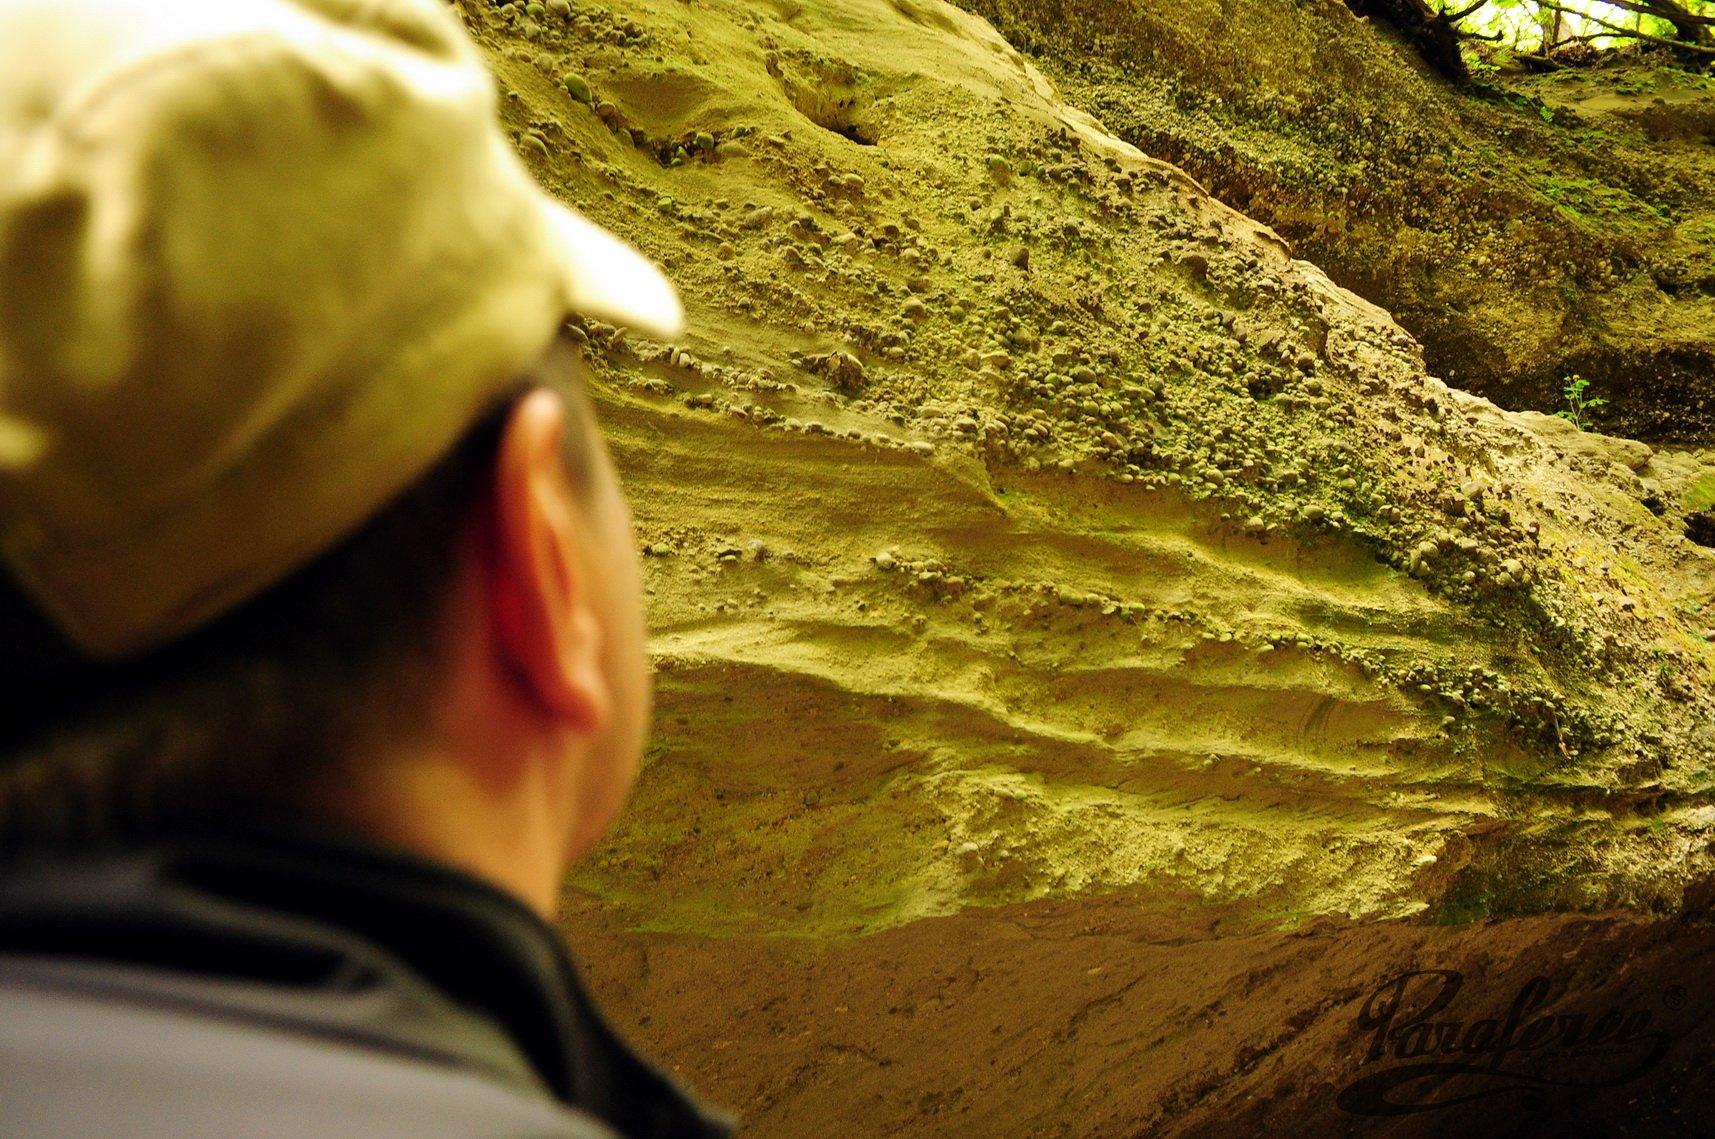 Az üledékes kőzetbe vágott szurdok falából ezernyi kavics meredezik ki